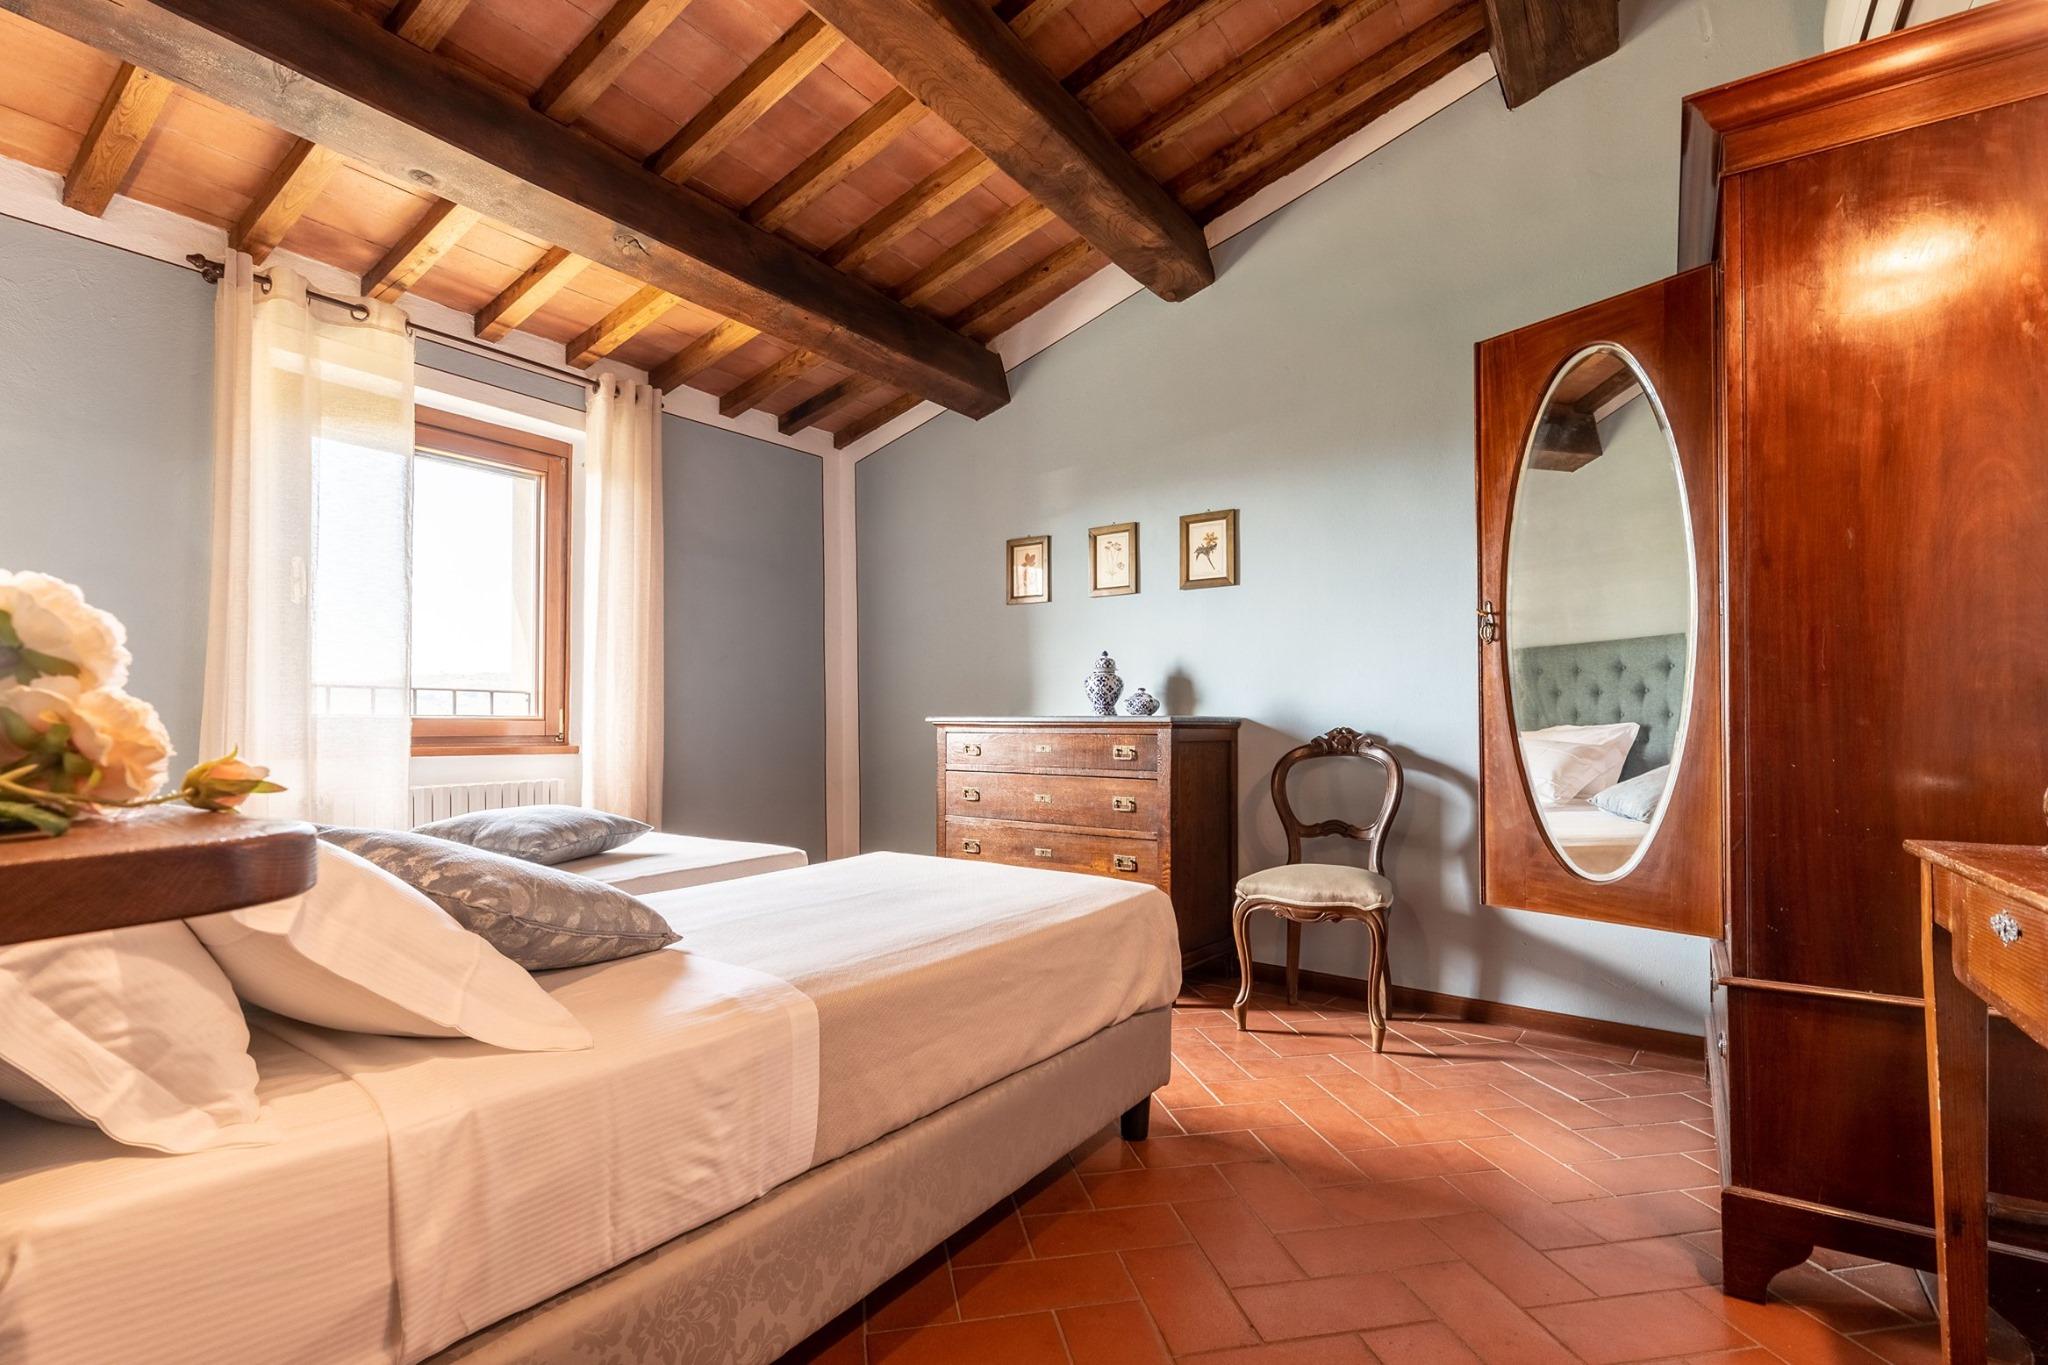 Villa La Guardata